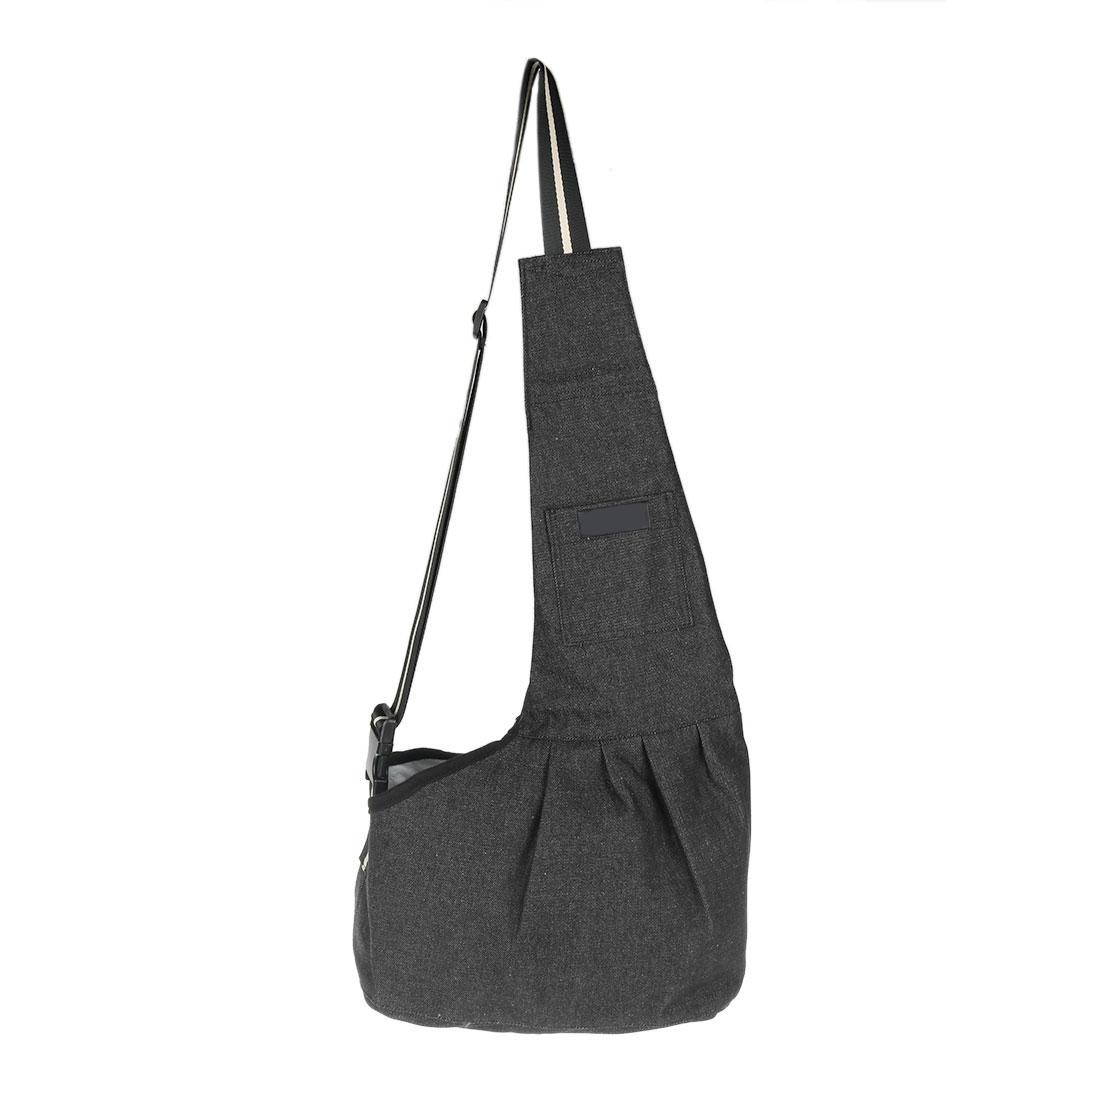 Travel Denim Adjustable Foldable Shoulder Portable Small Puppy Dog Cat Pet Carrier Bag Black S